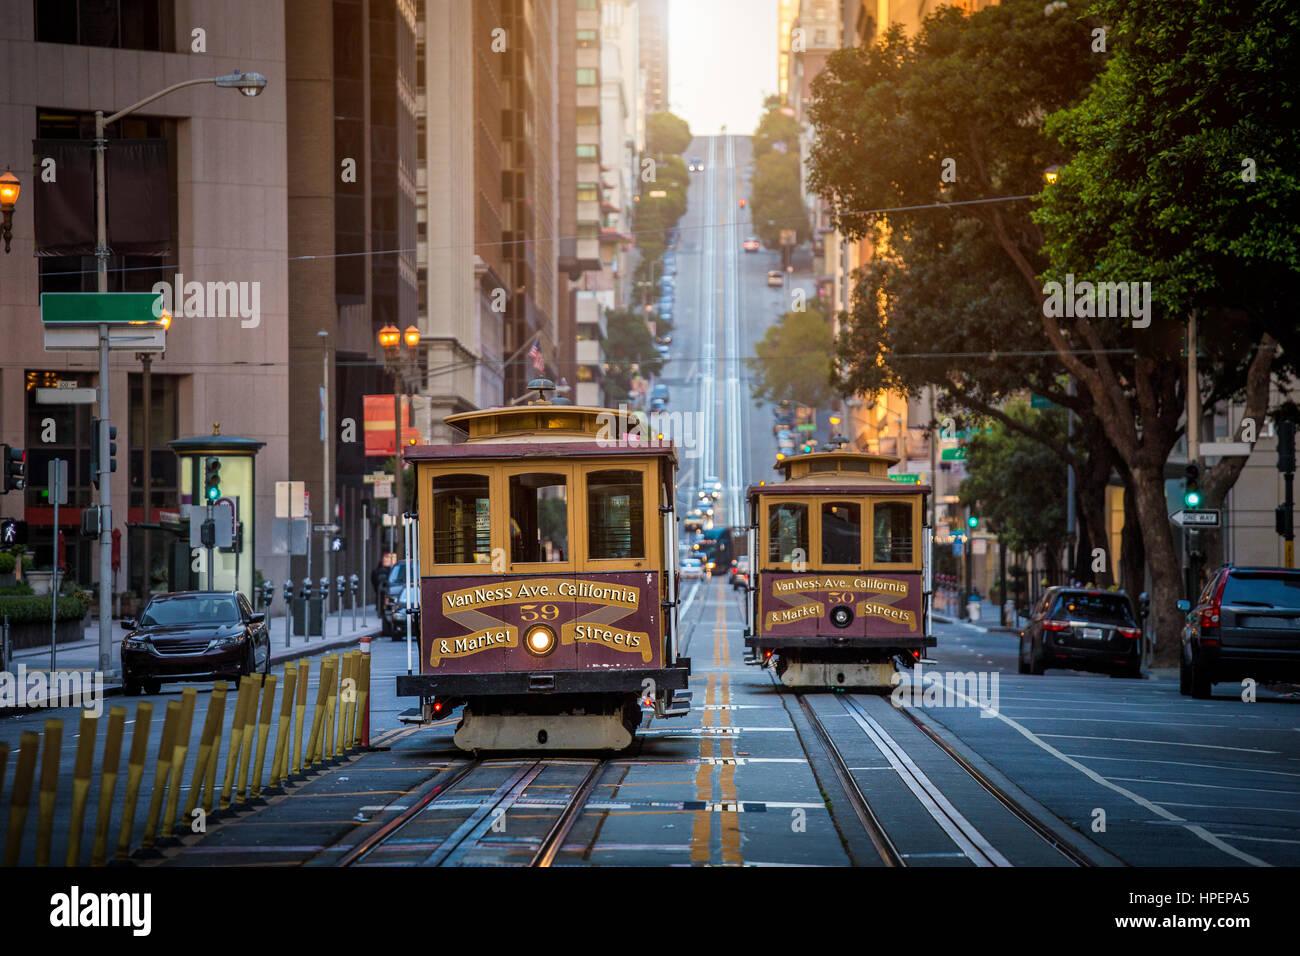 Vista clásica del tradicional histórico teleférico a caballo en la famosa calle de California en Imagen De Stock